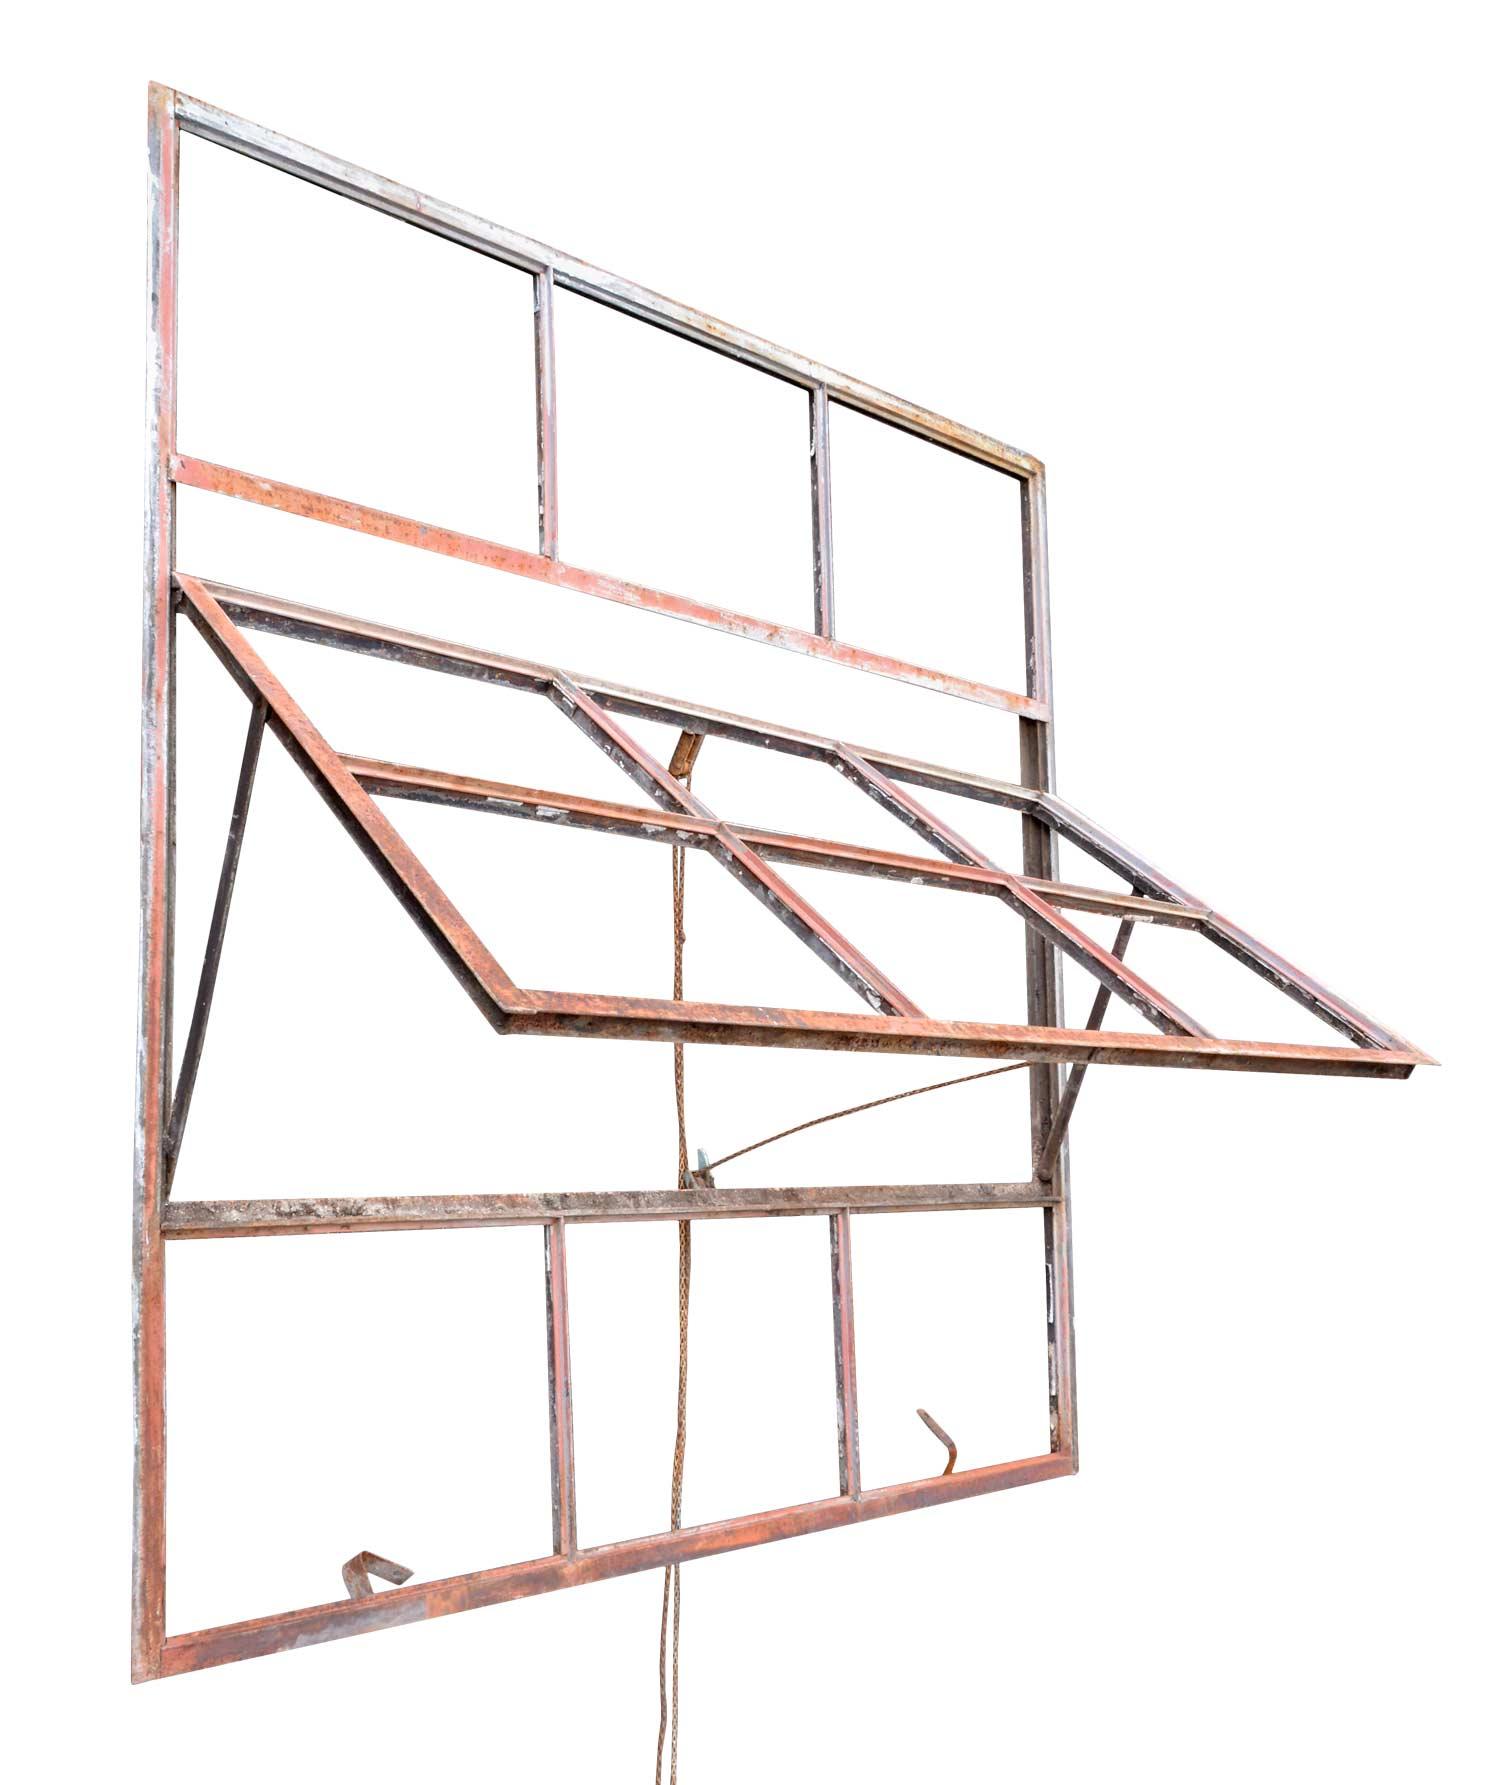 46240-large-iron-warehouse-window-open.jpg